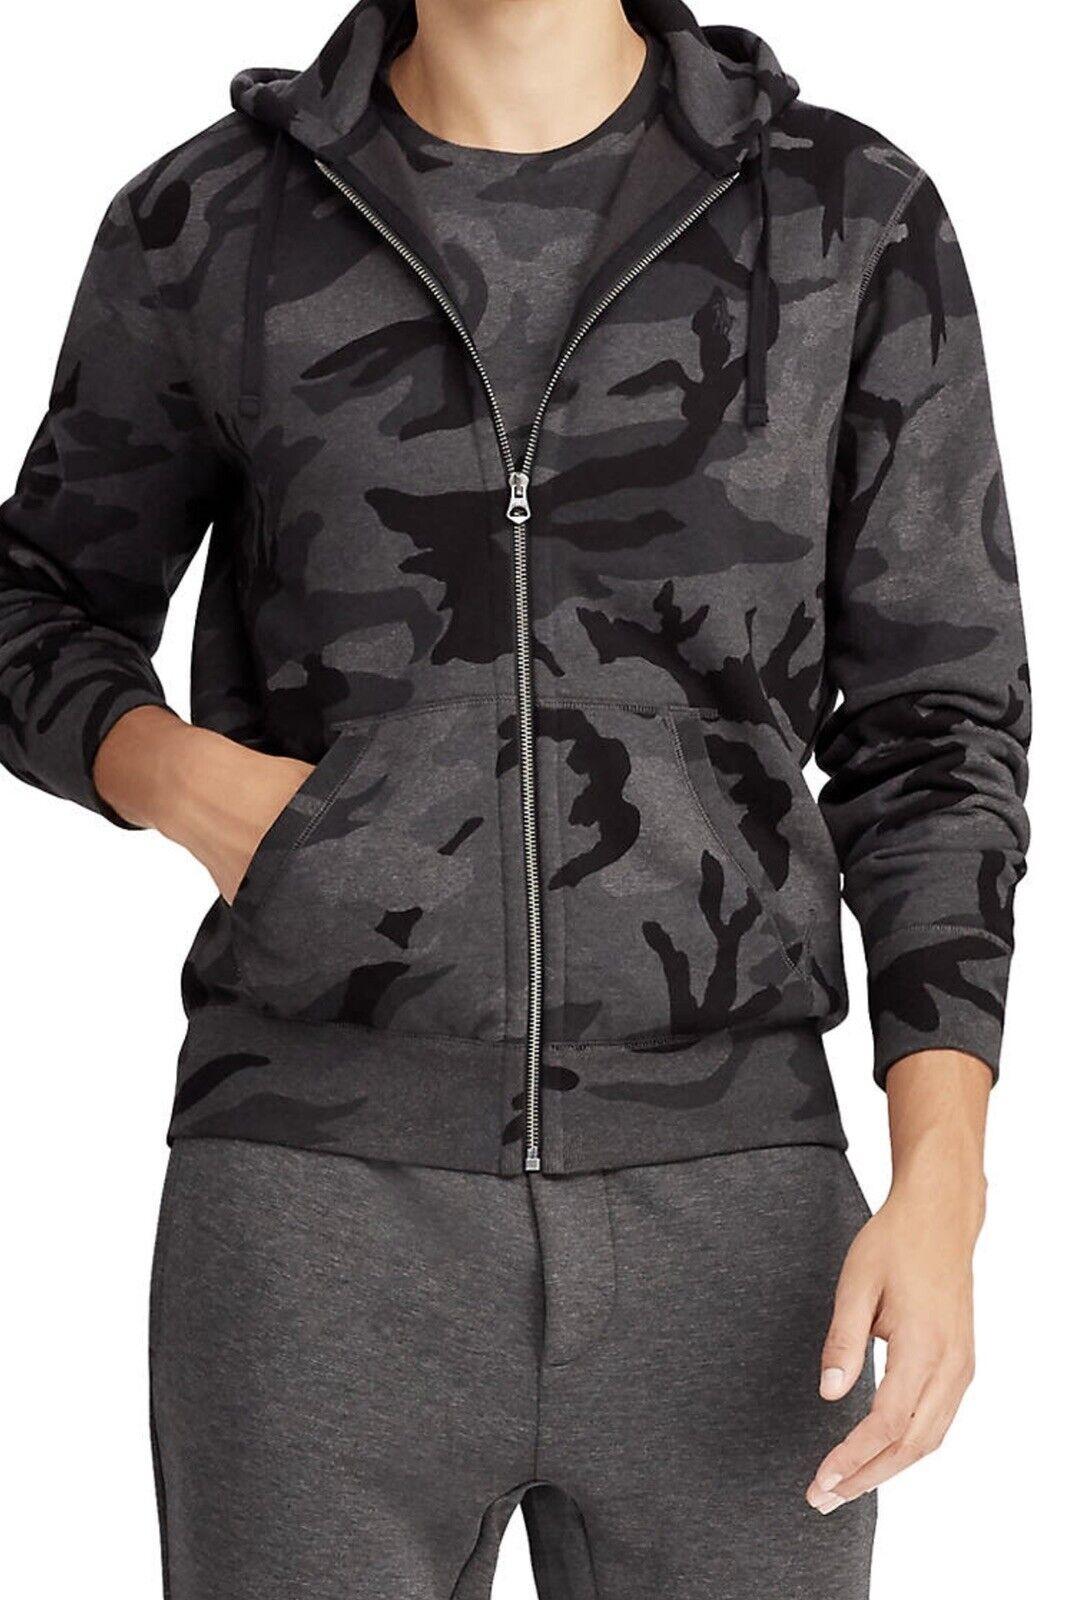 Polo Ralph Lauren Full Zip Fleece Hoodie Grey Camo 2XL NWT